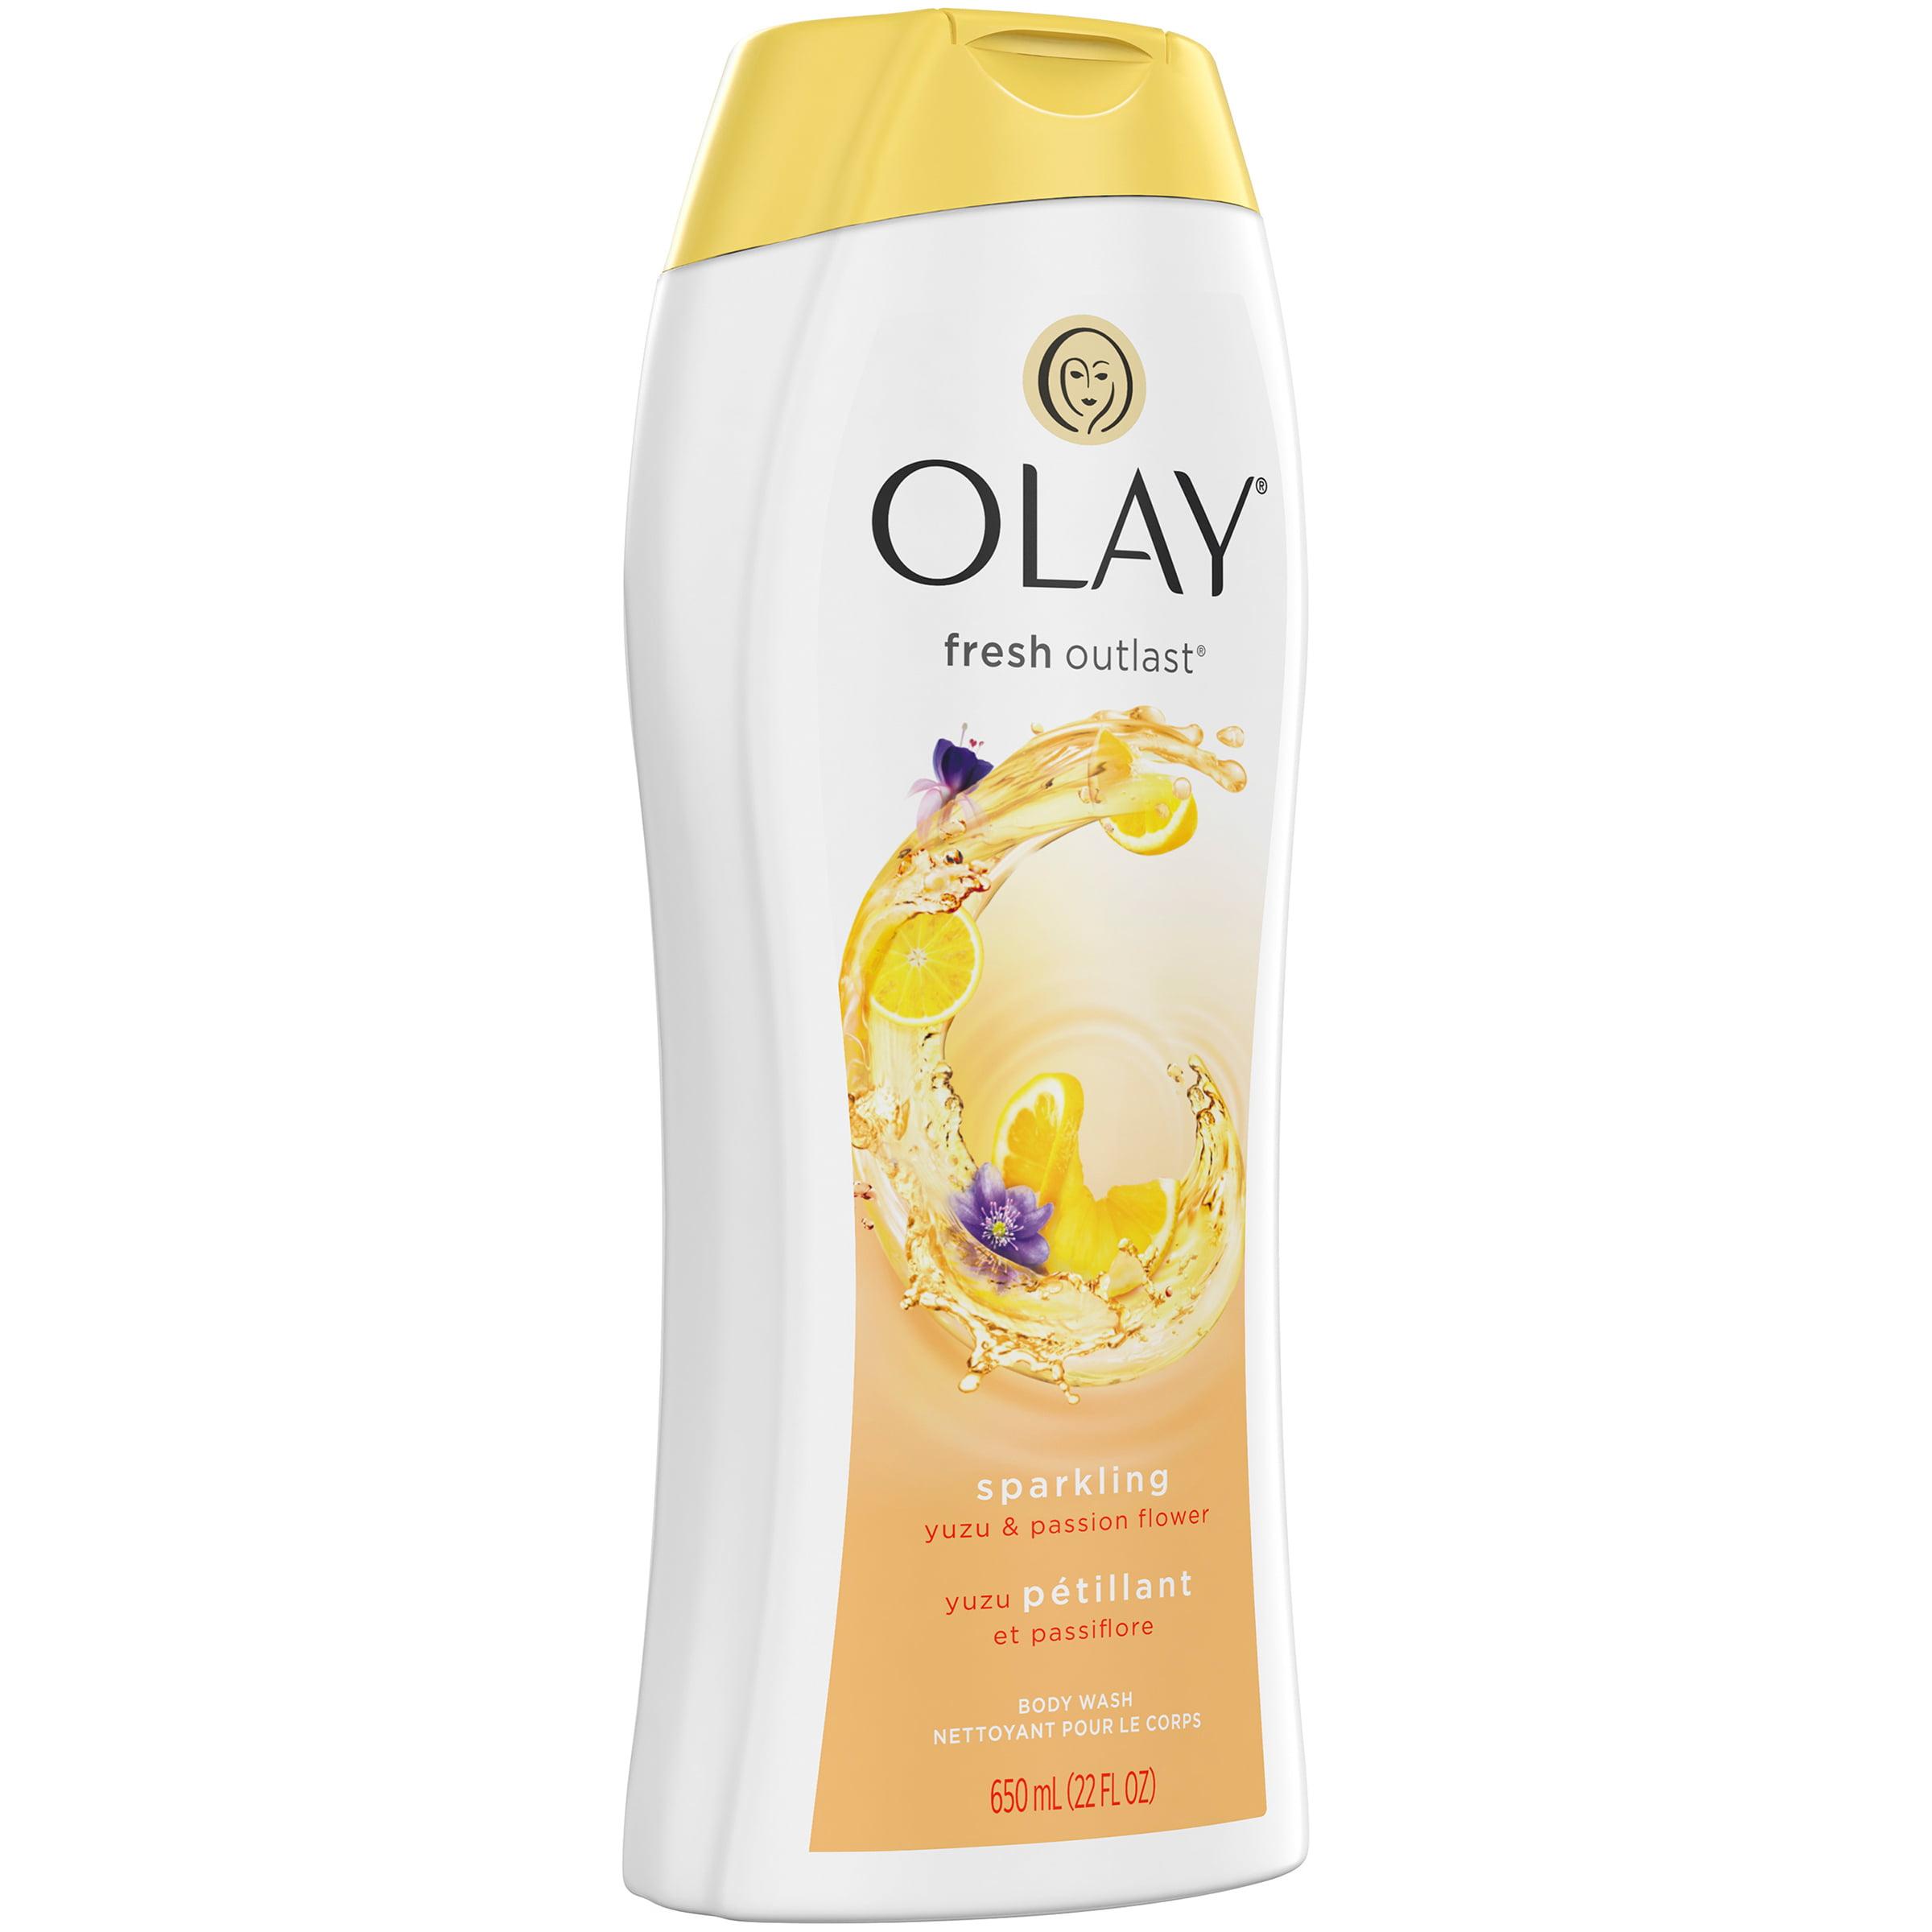 Olay Fresh Outlast Sparkling Yuzu and Passion Flower Body Wash, 22 oz